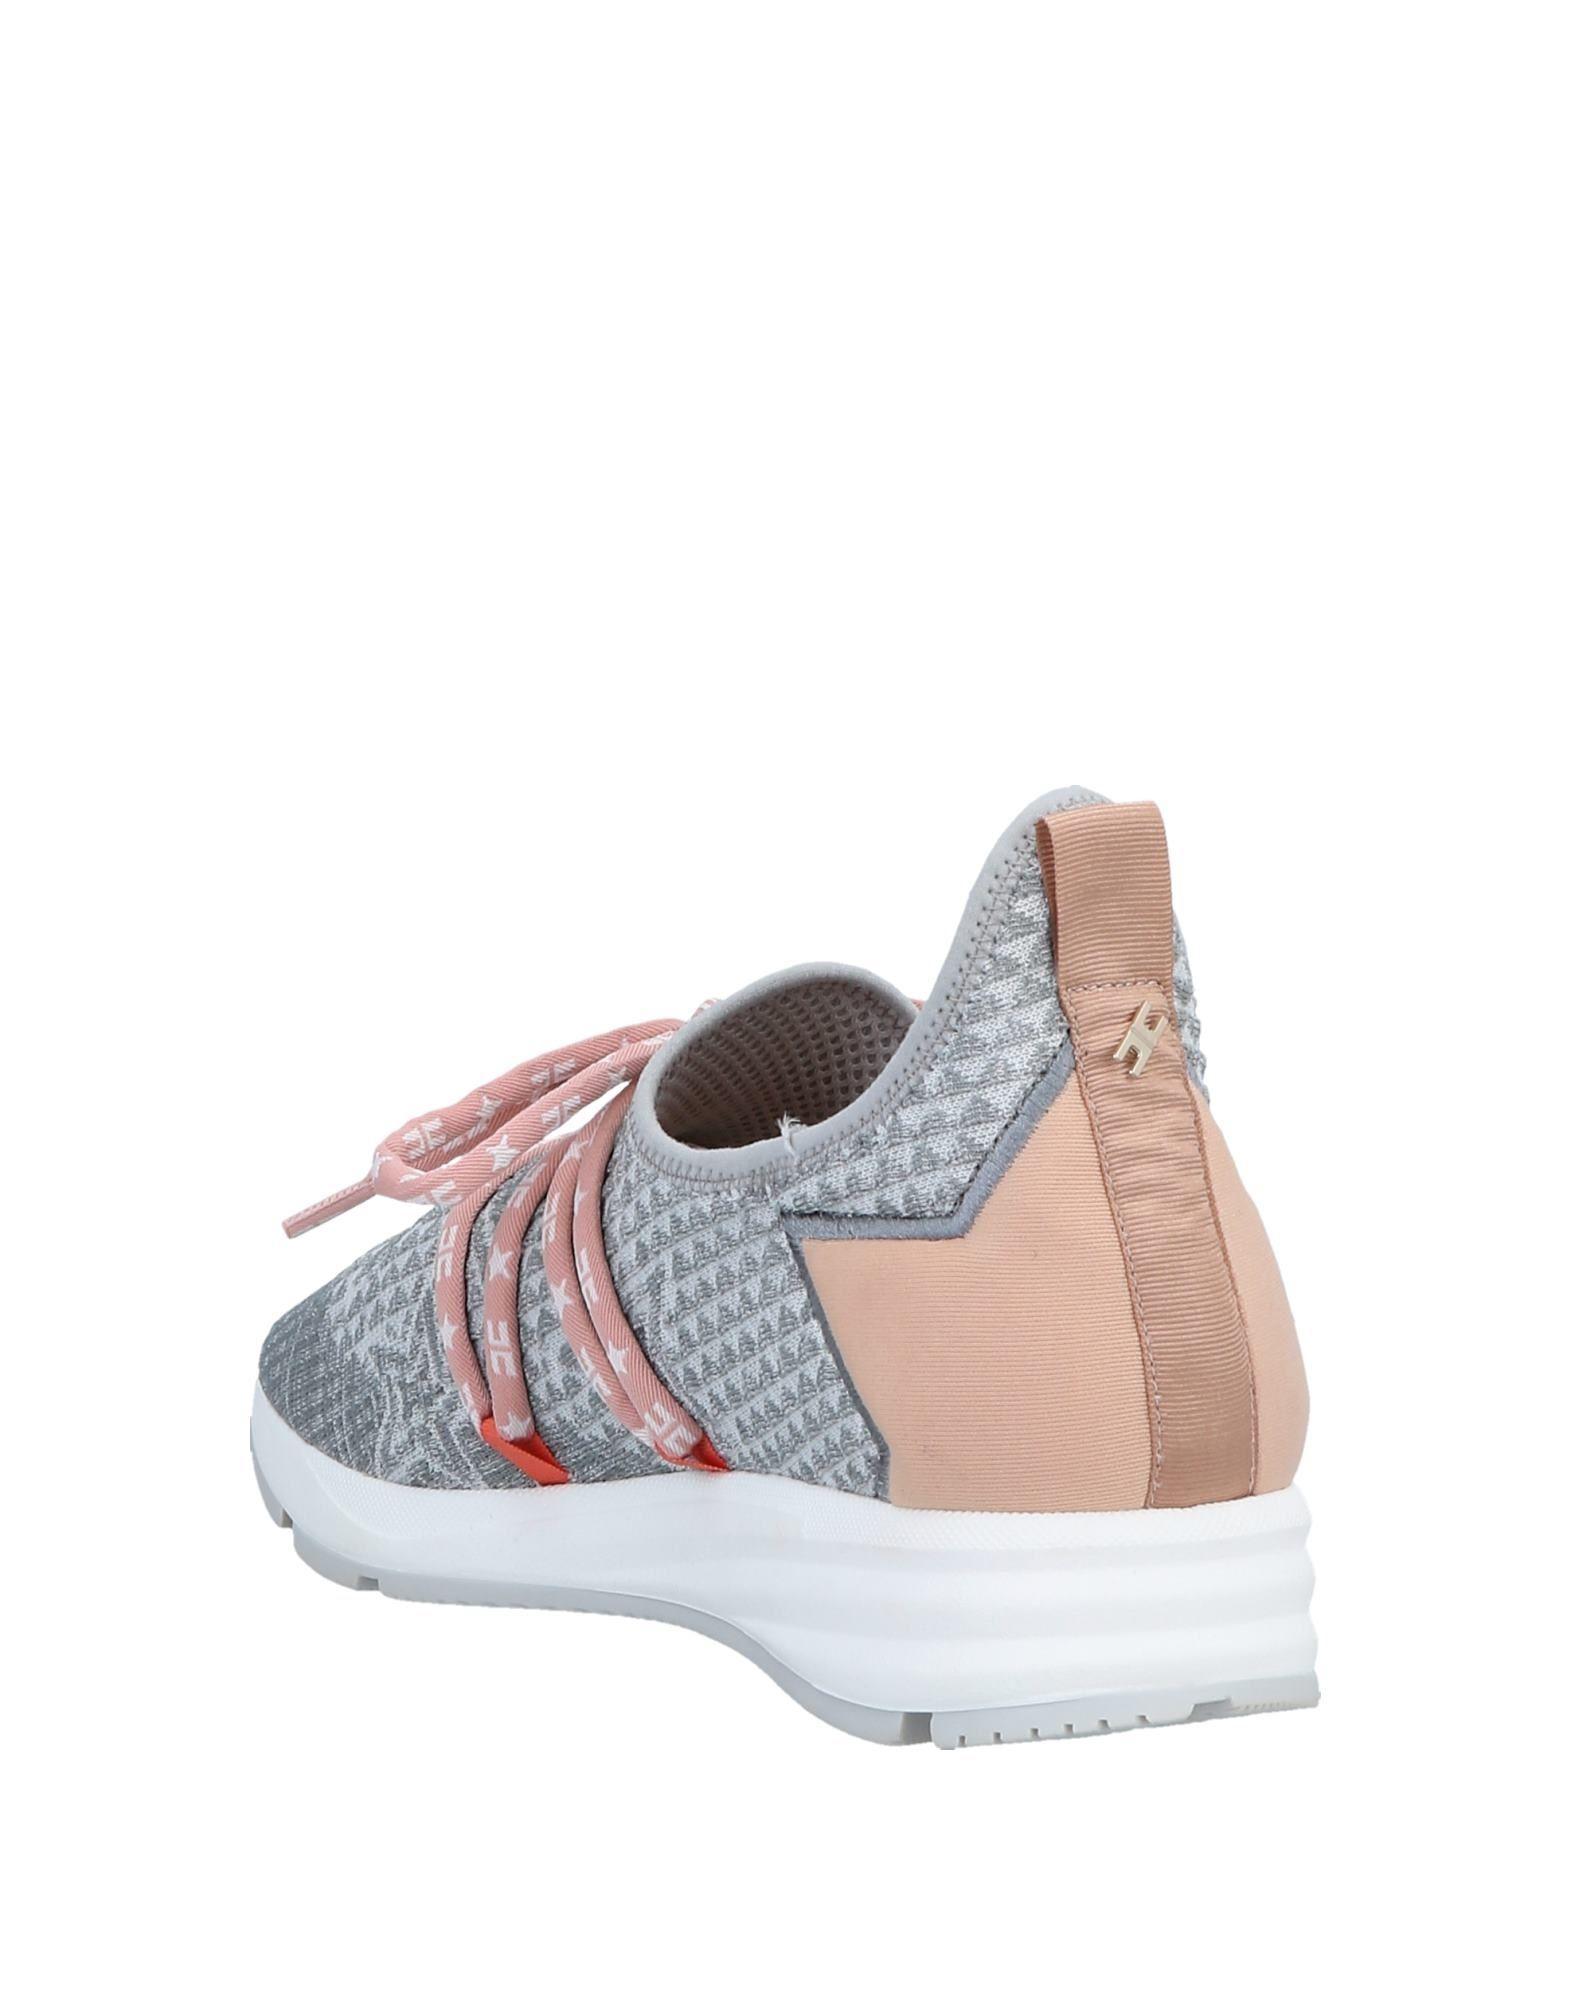 buy online 14aad 937c2 Women's Gray Low-tops & Sneakers